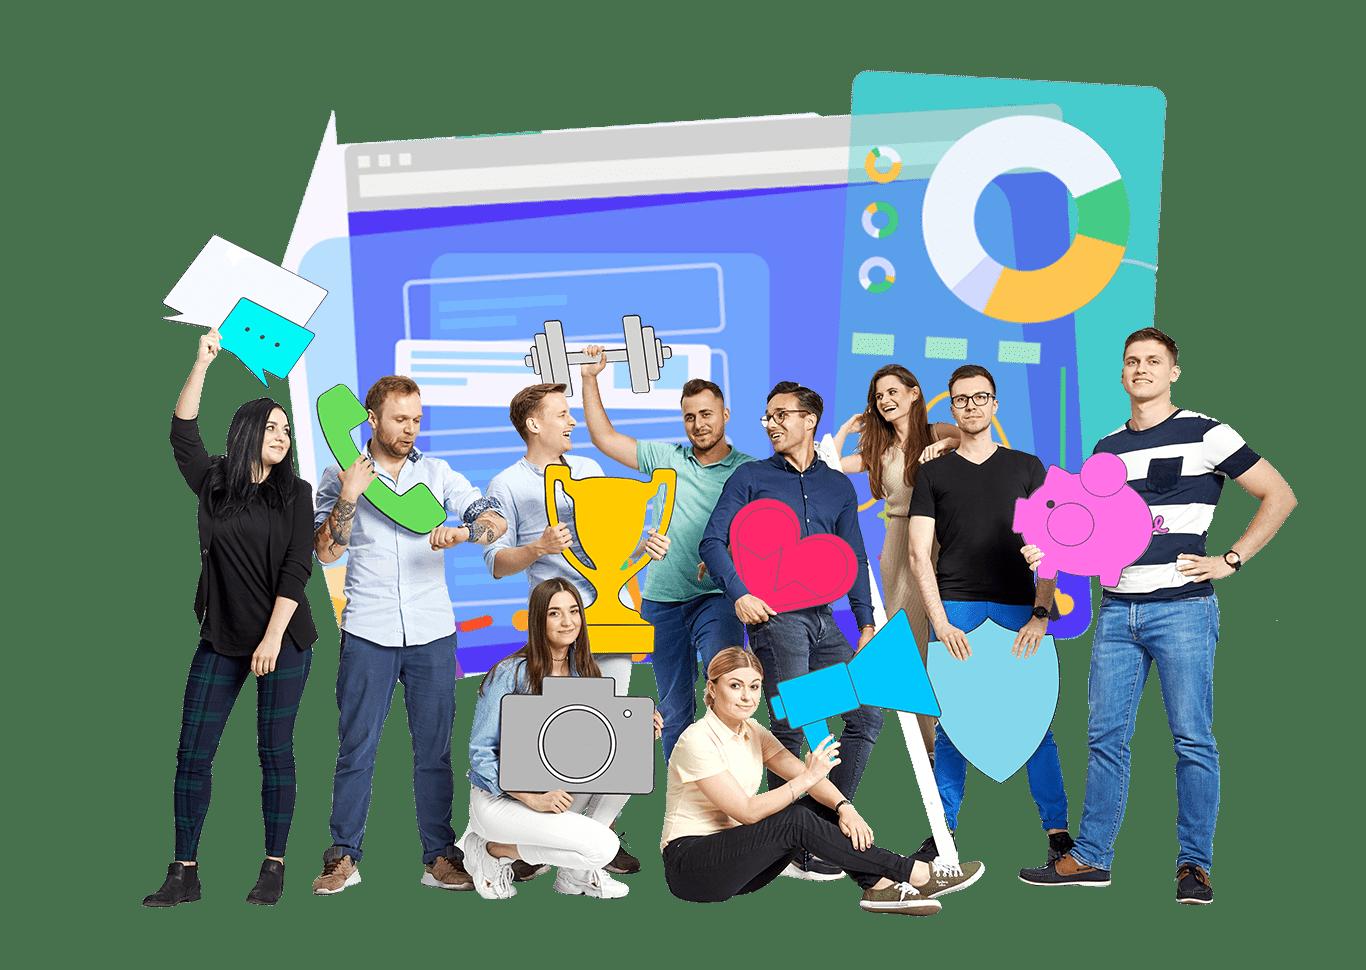 grupa osób trzymająca różne kolorowe grafiki przedmiotów takich jak telefon, puchar, aparat, sztangielka